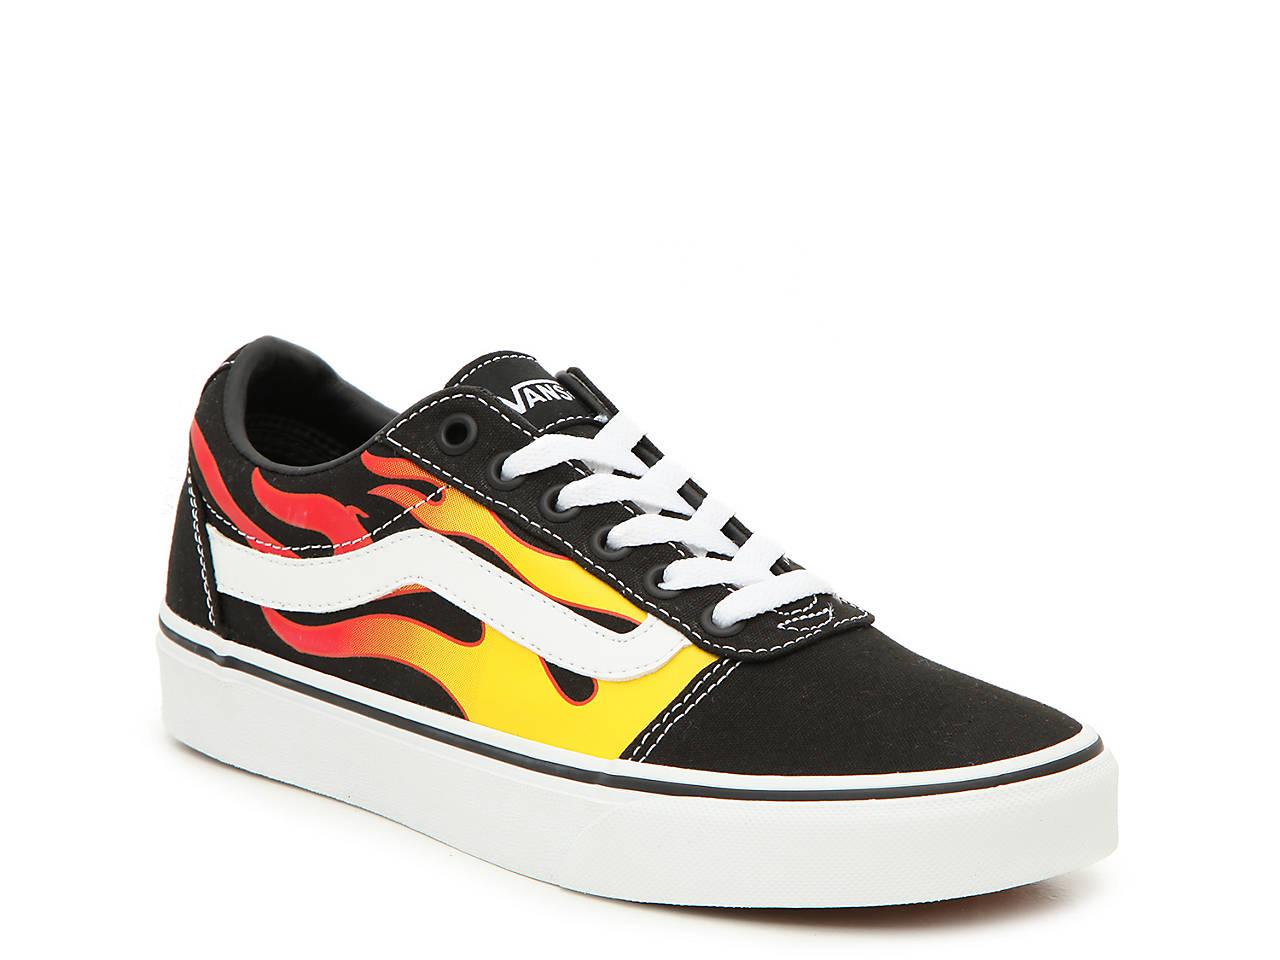 86fd7b952b3e Vans Ward Lo Sneaker - Women s Women s Shoes